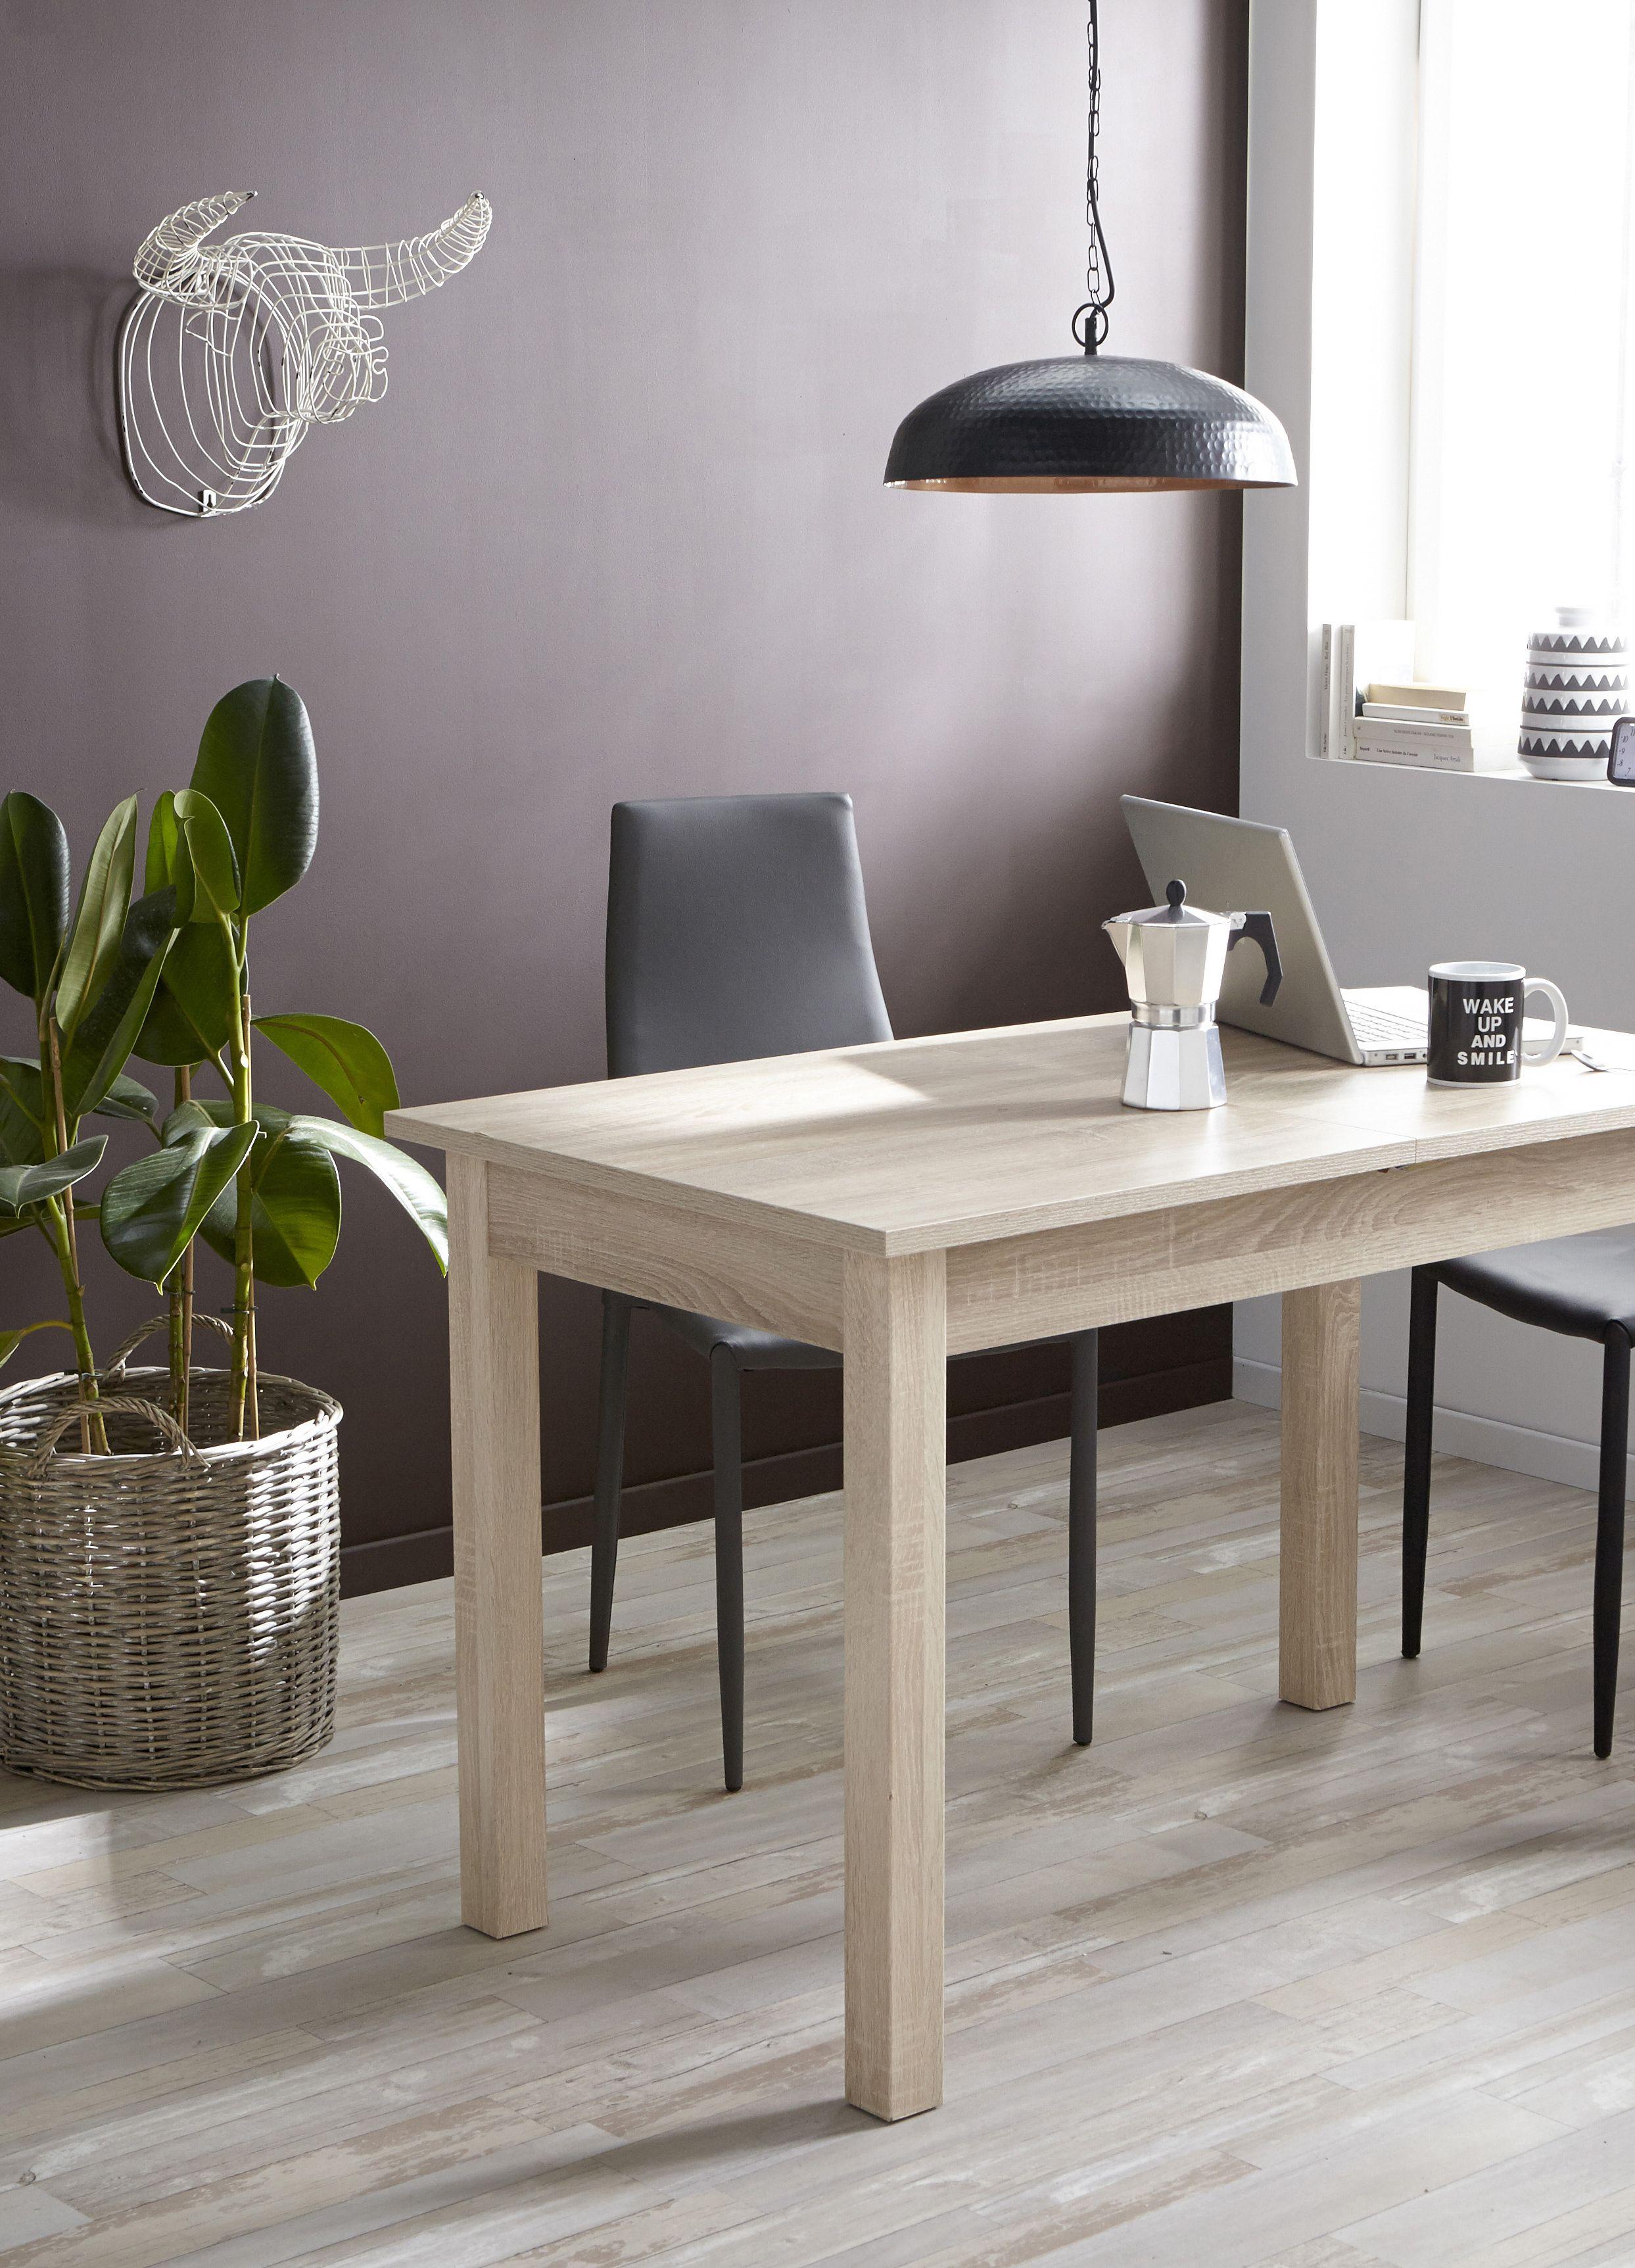 Frais De Table Salle A Manger Bois Concept Idées de table